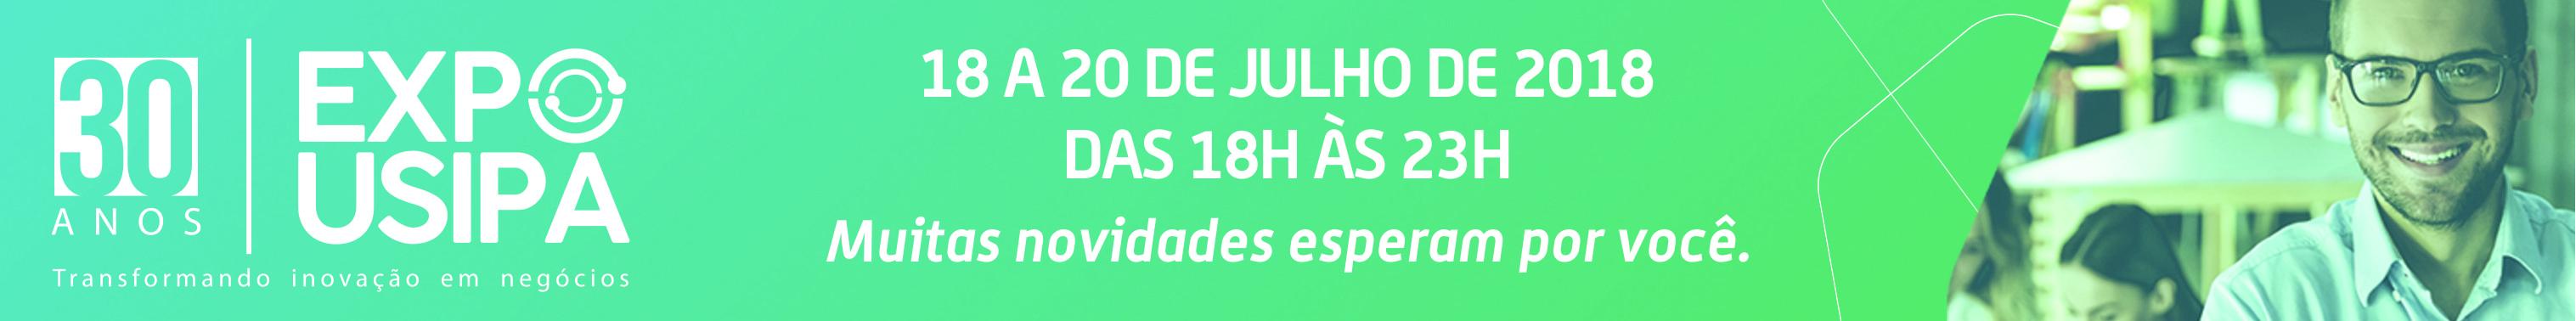 EXPO USIPA 2